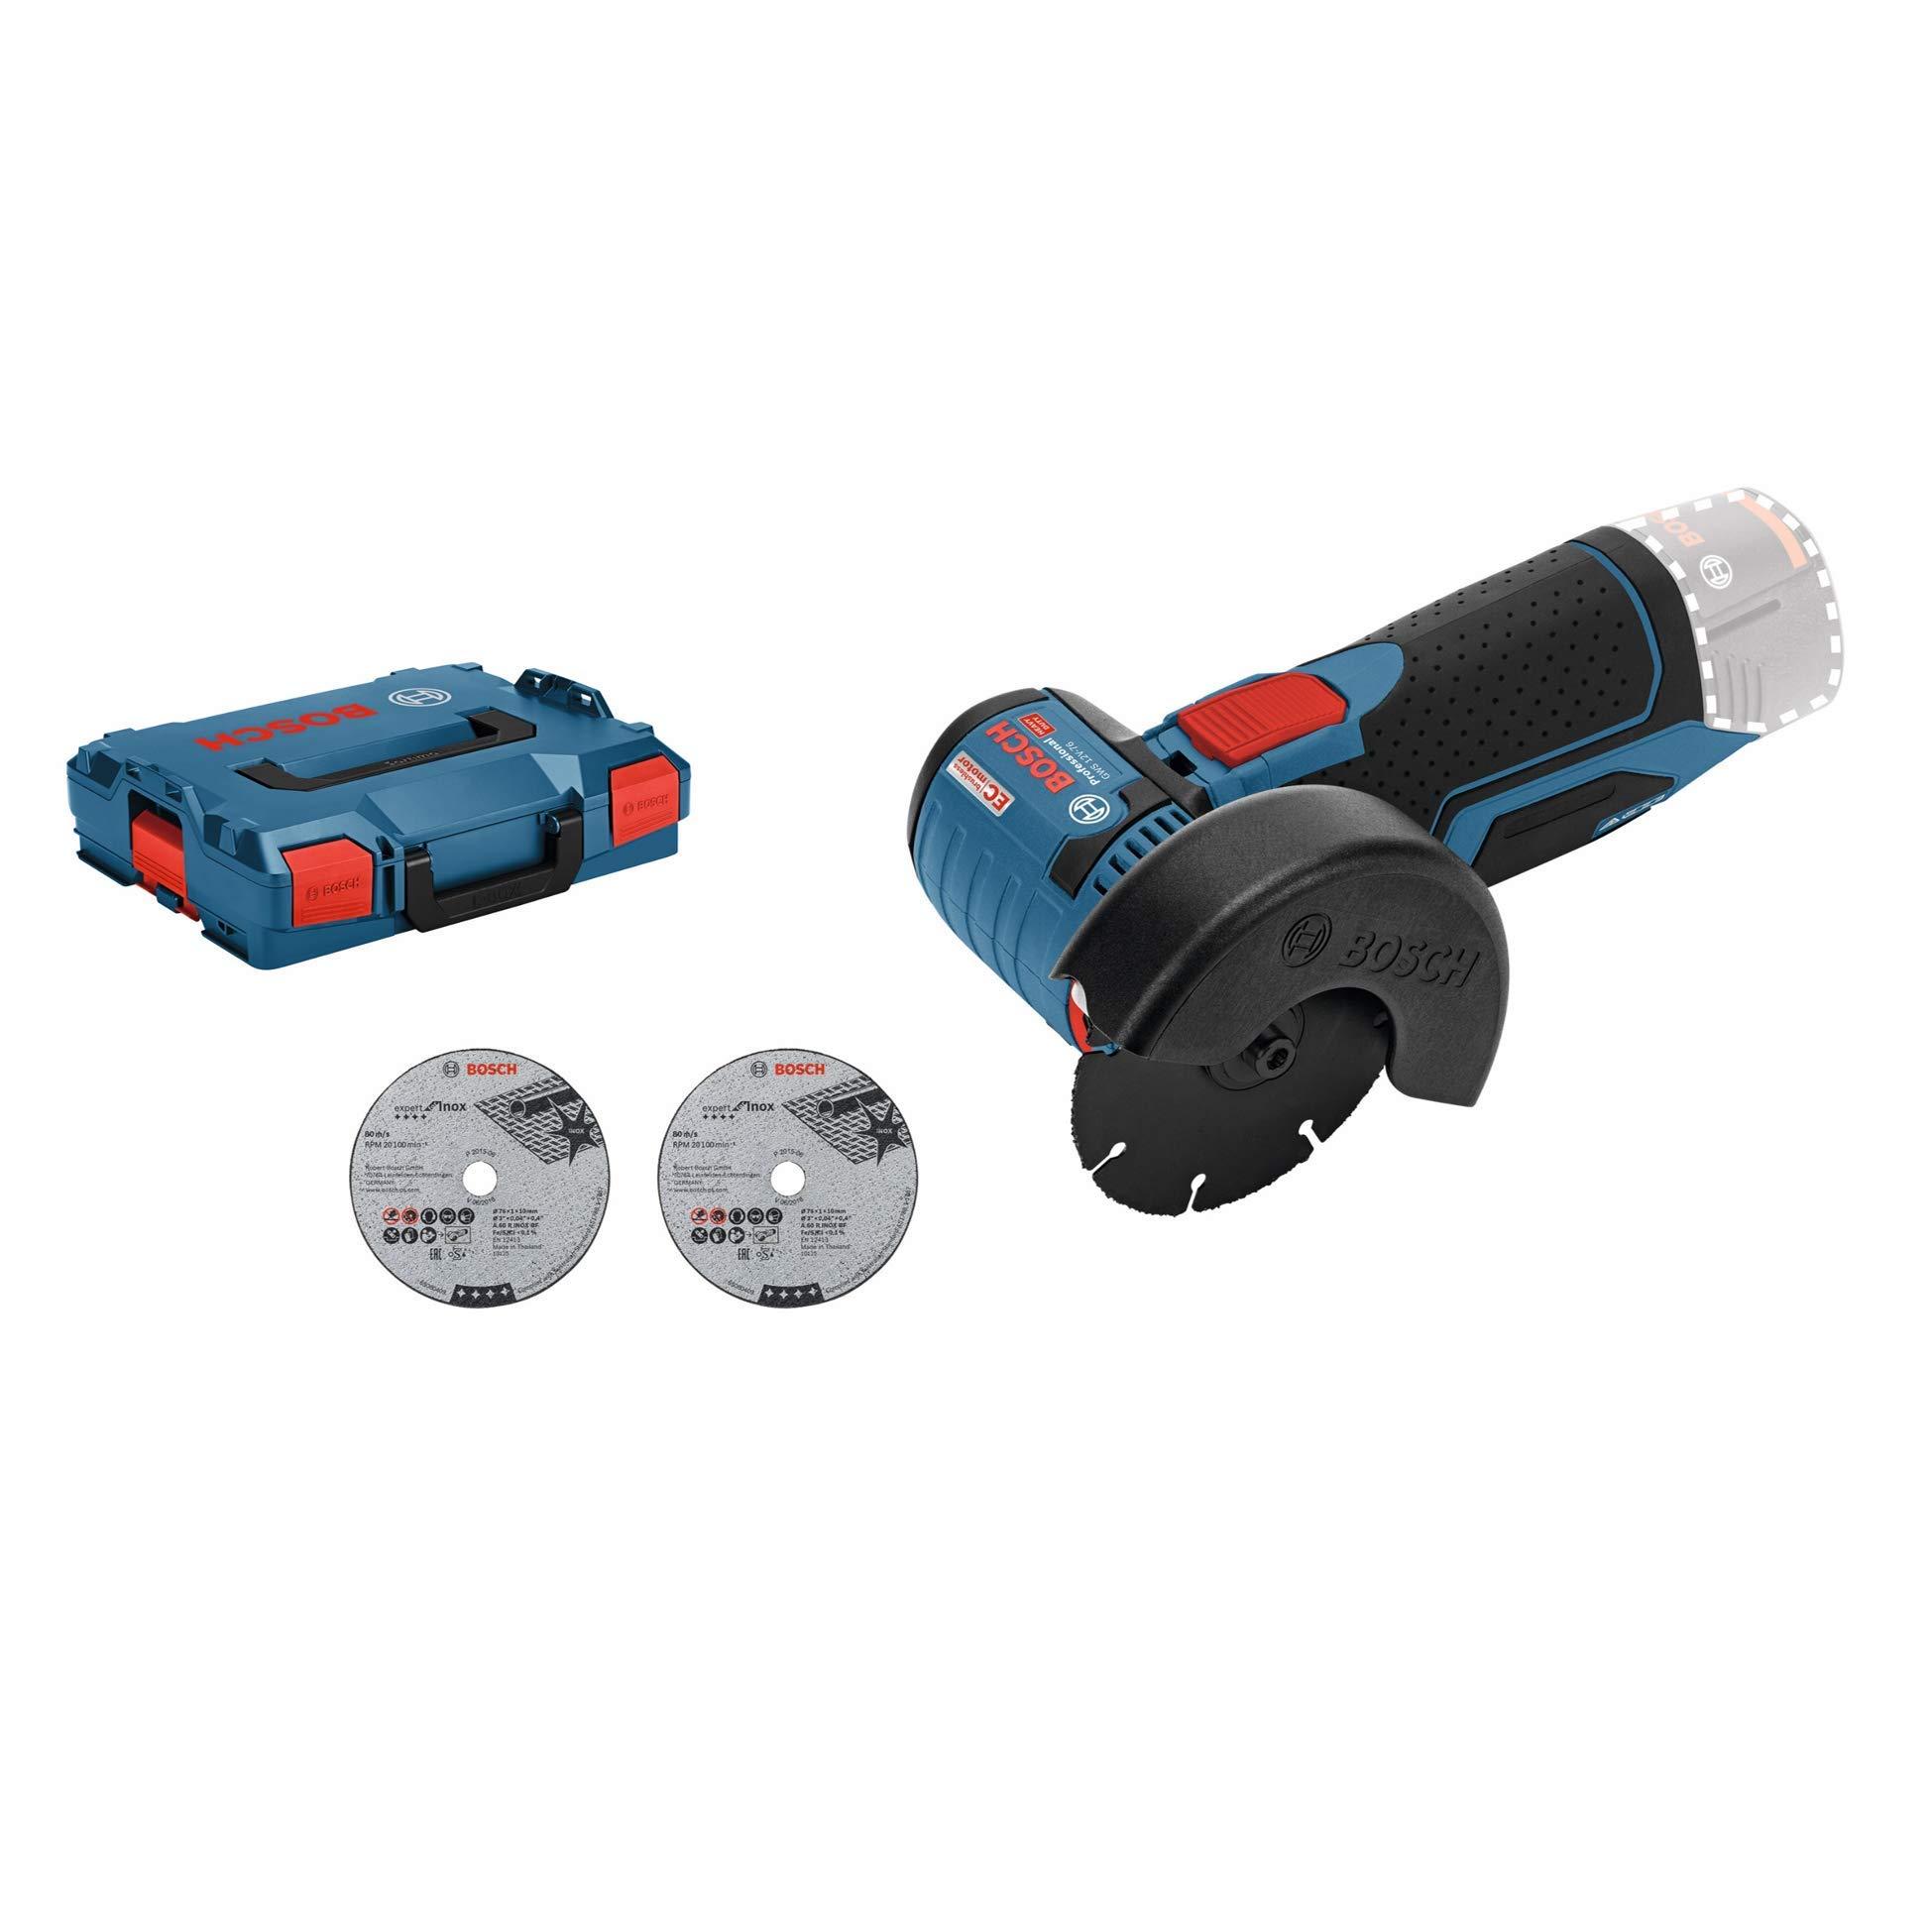 Bosch Professional GWS 12V-76 Akku Winkelschleifer (3 Trennscheiben, 76 mm, 12 Volt)